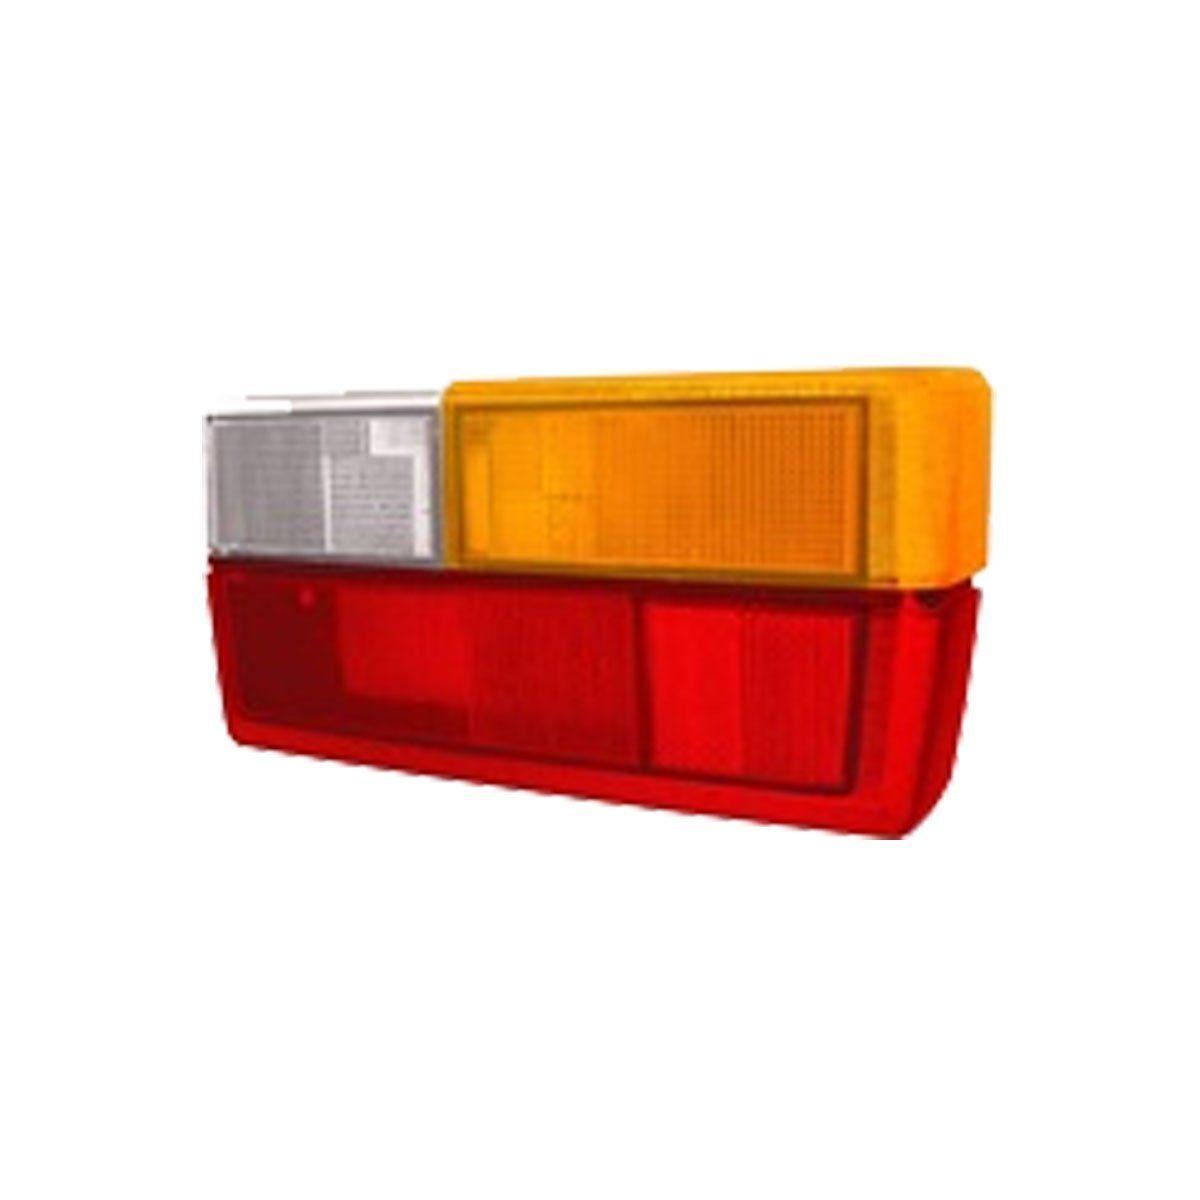 Lanterna Traseira Gol 1980 até 1986 | Com Friso Preto | Ambar